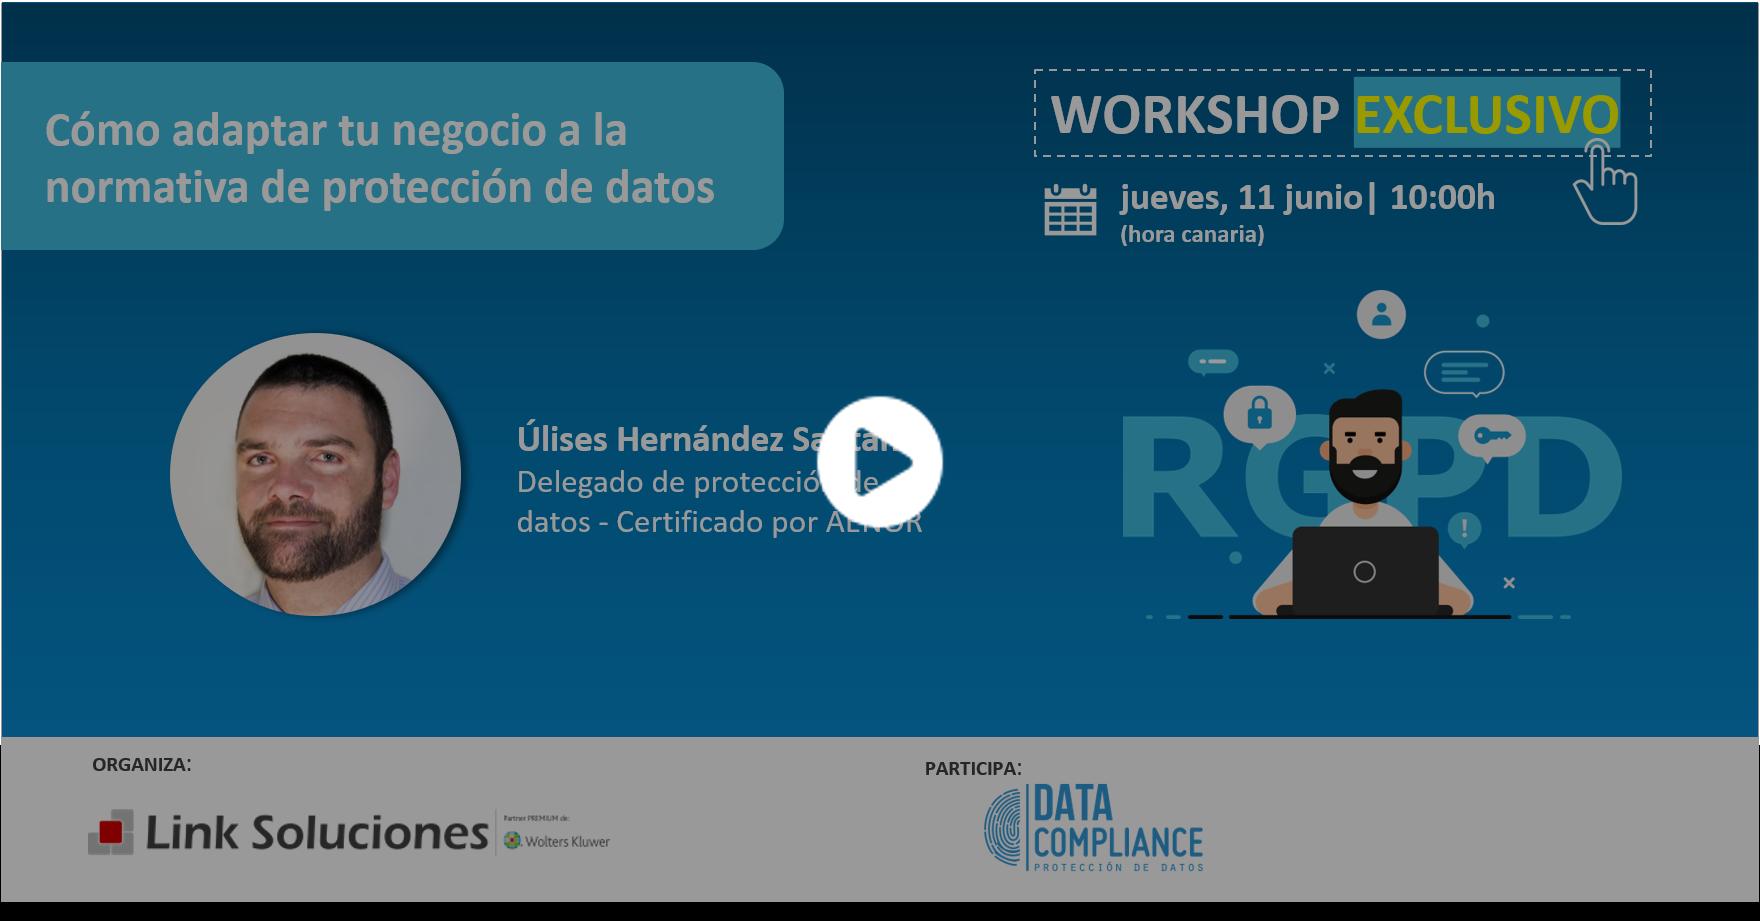 WORKSHOP EXCLUSIVO - Cómo adaptar tu negocio a la normativa de protección de datos